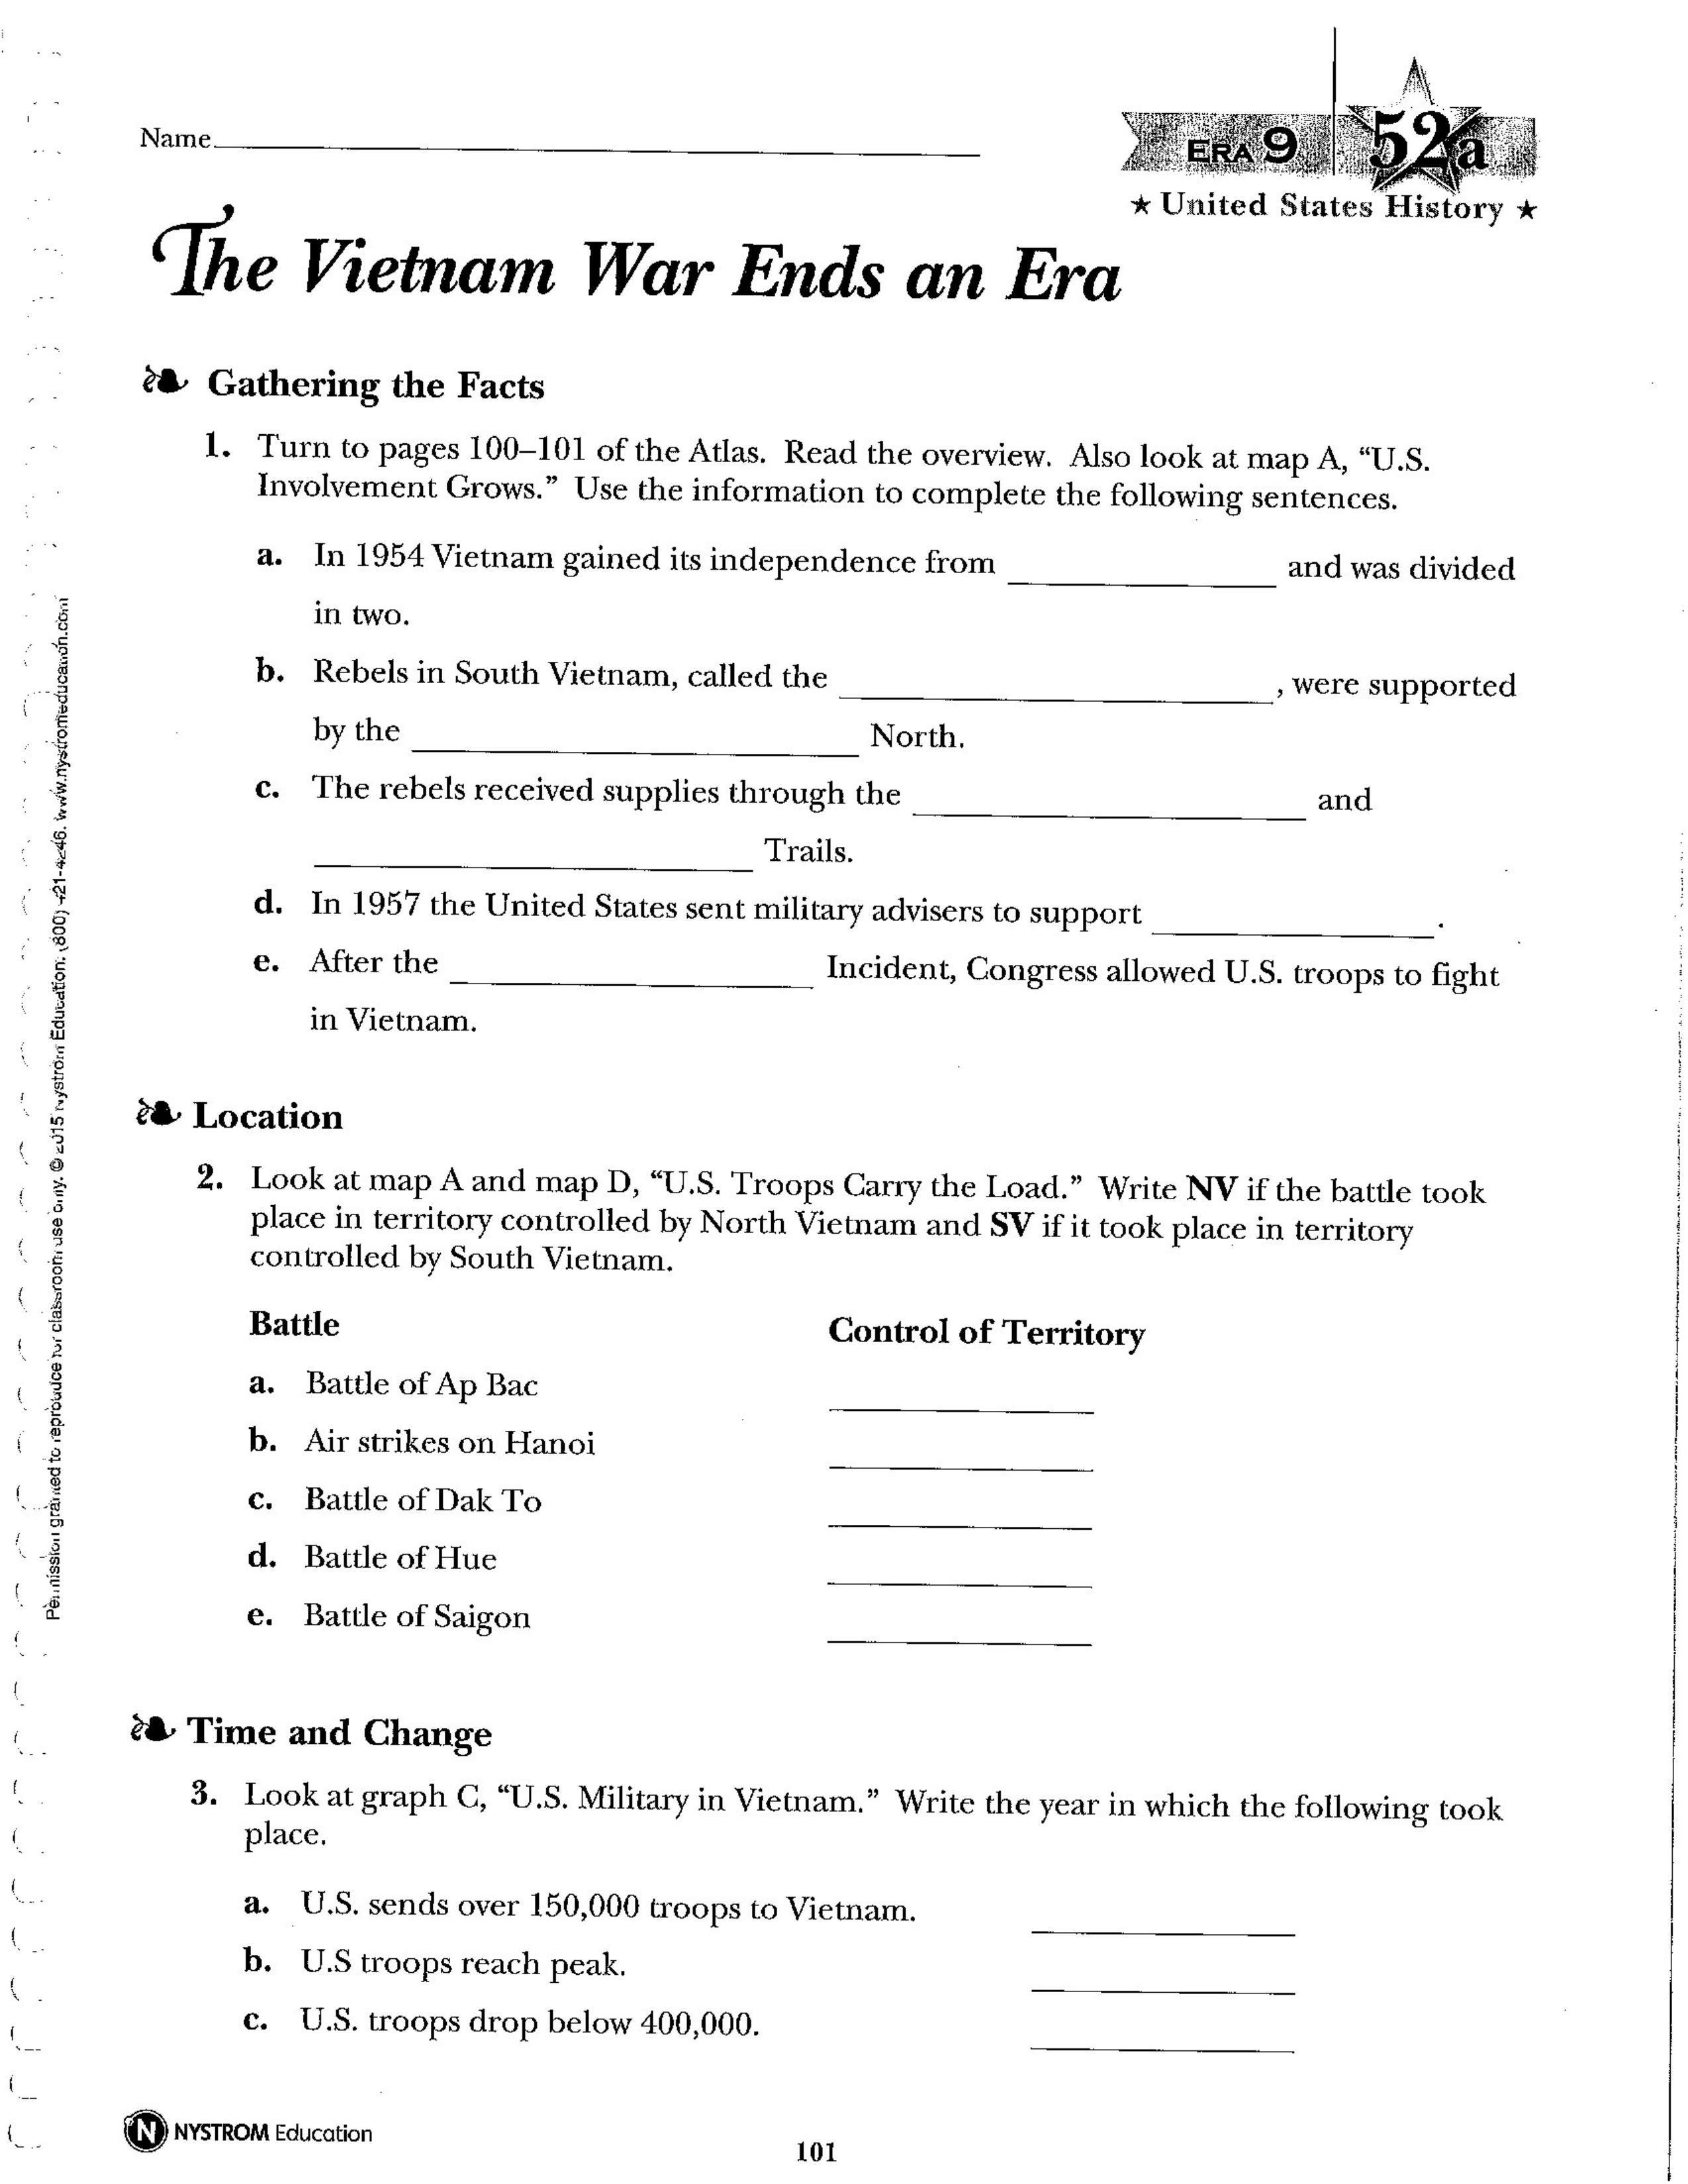 NAUSH 52 The Vietnam War Ends an Era - Amy Gilstrap ...